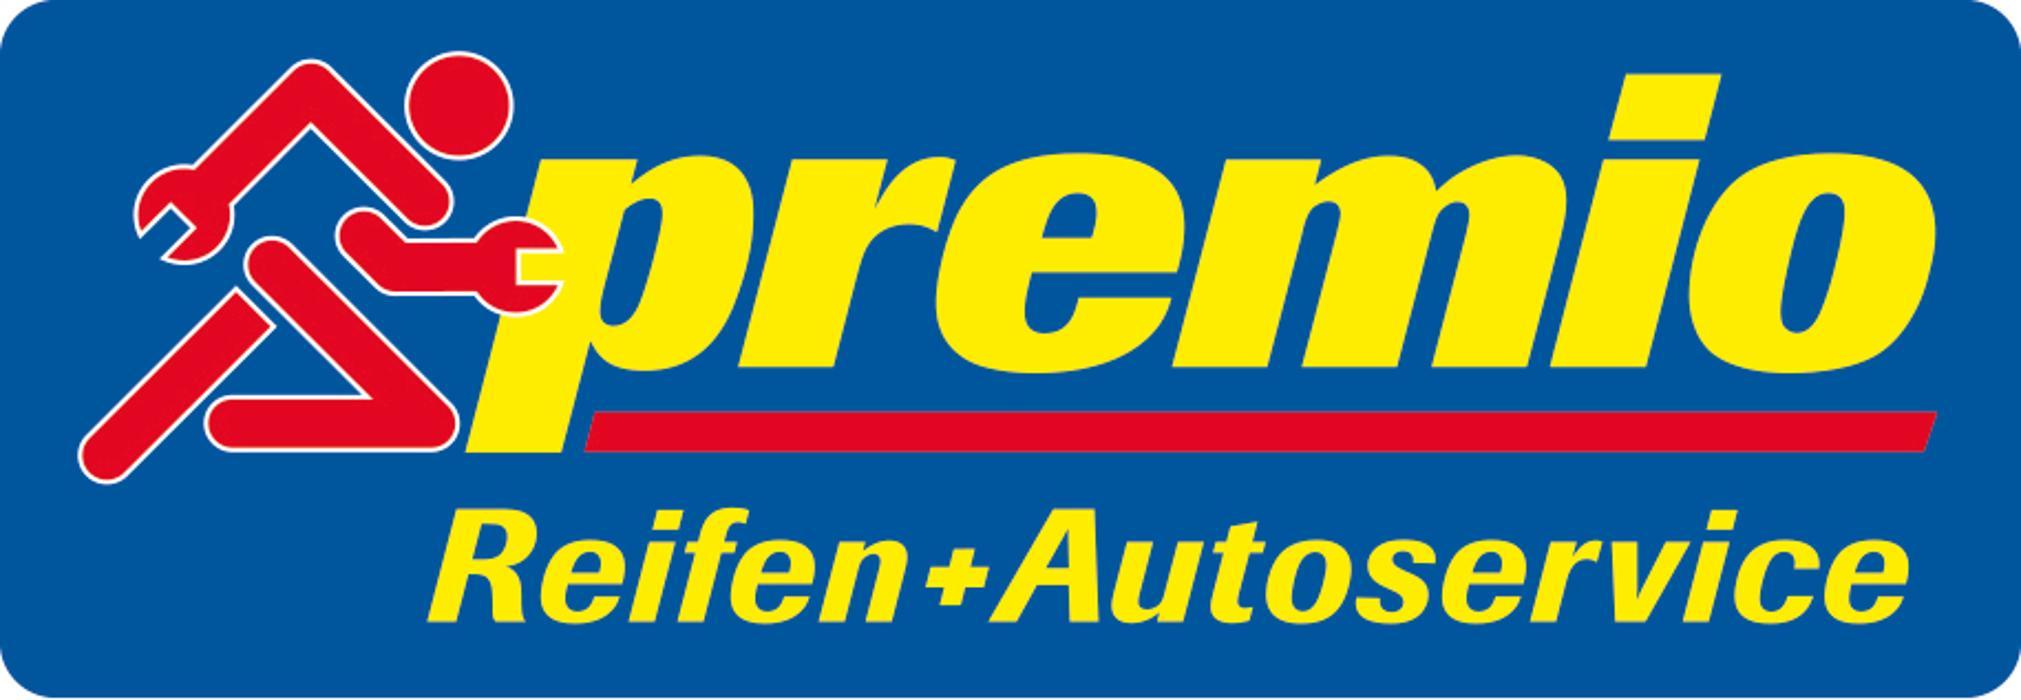 Bild zu Premio Reifen + Autoservice M. Huber GmbH in Weinheim an der Bergstraße